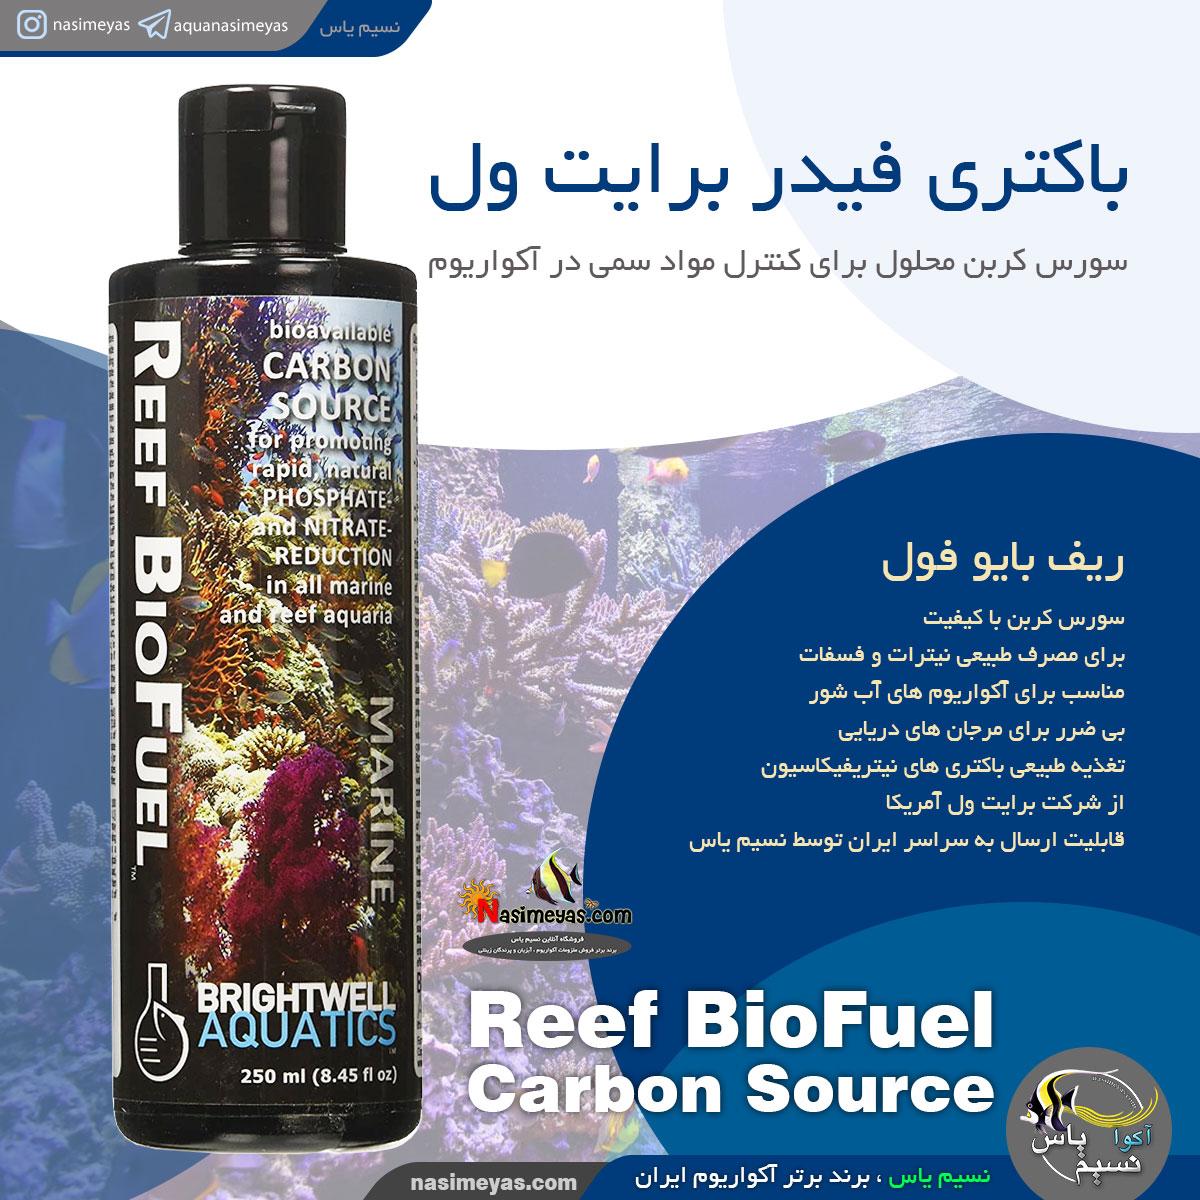 محلول کربن ریف بیوفول باکتری فیدر برایت ول